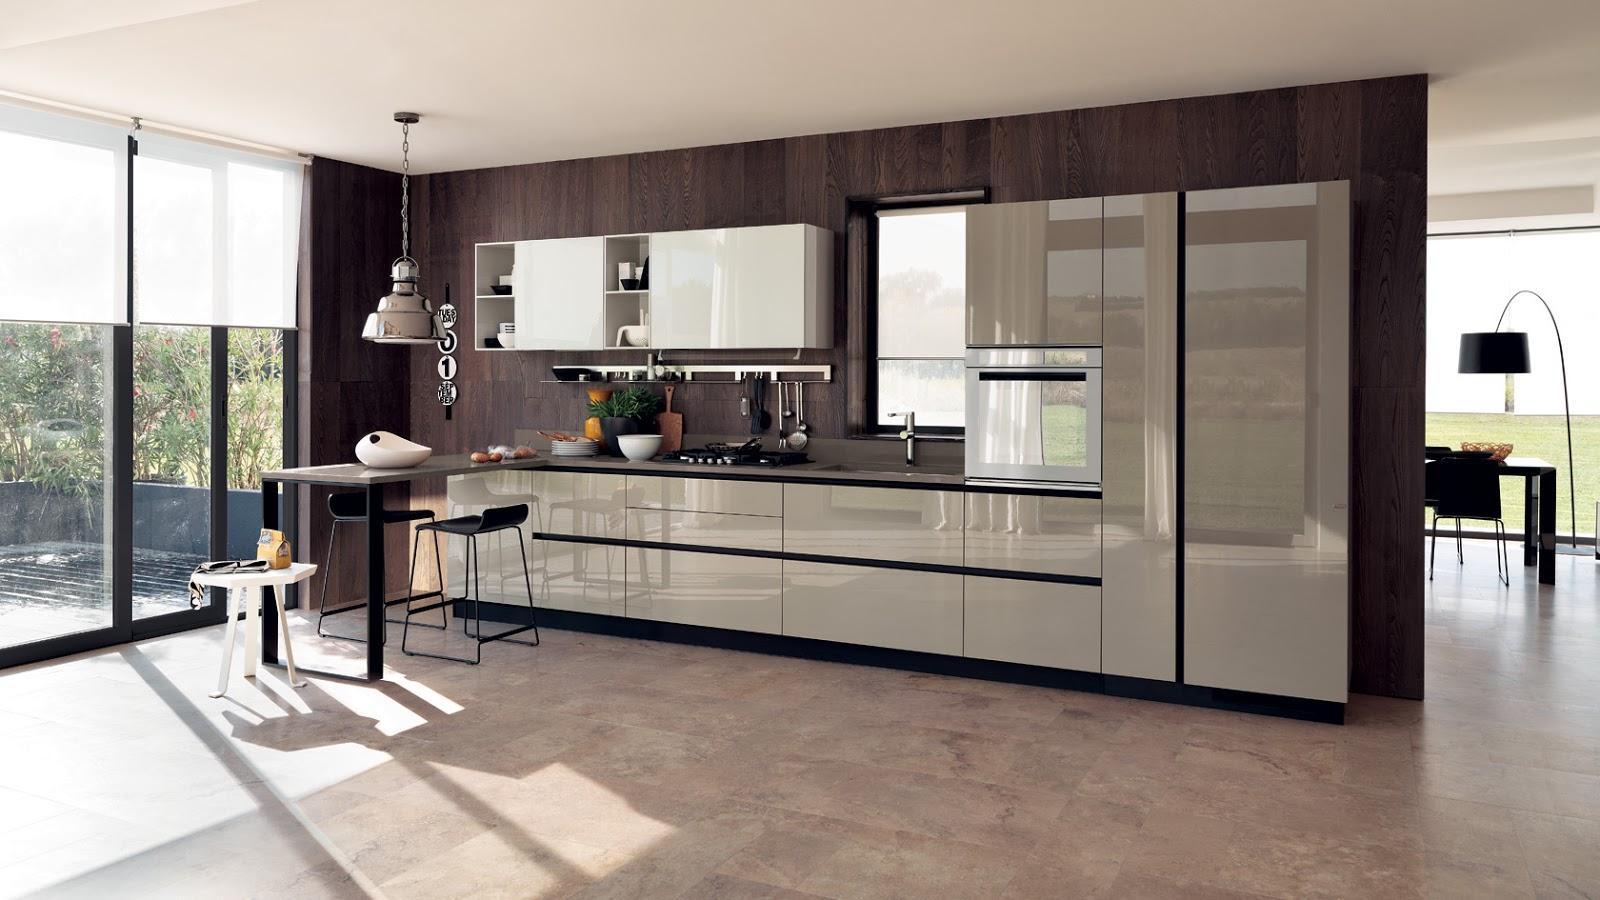 Fotos de cocinas modernas - Cocinas modernas de diseno ...